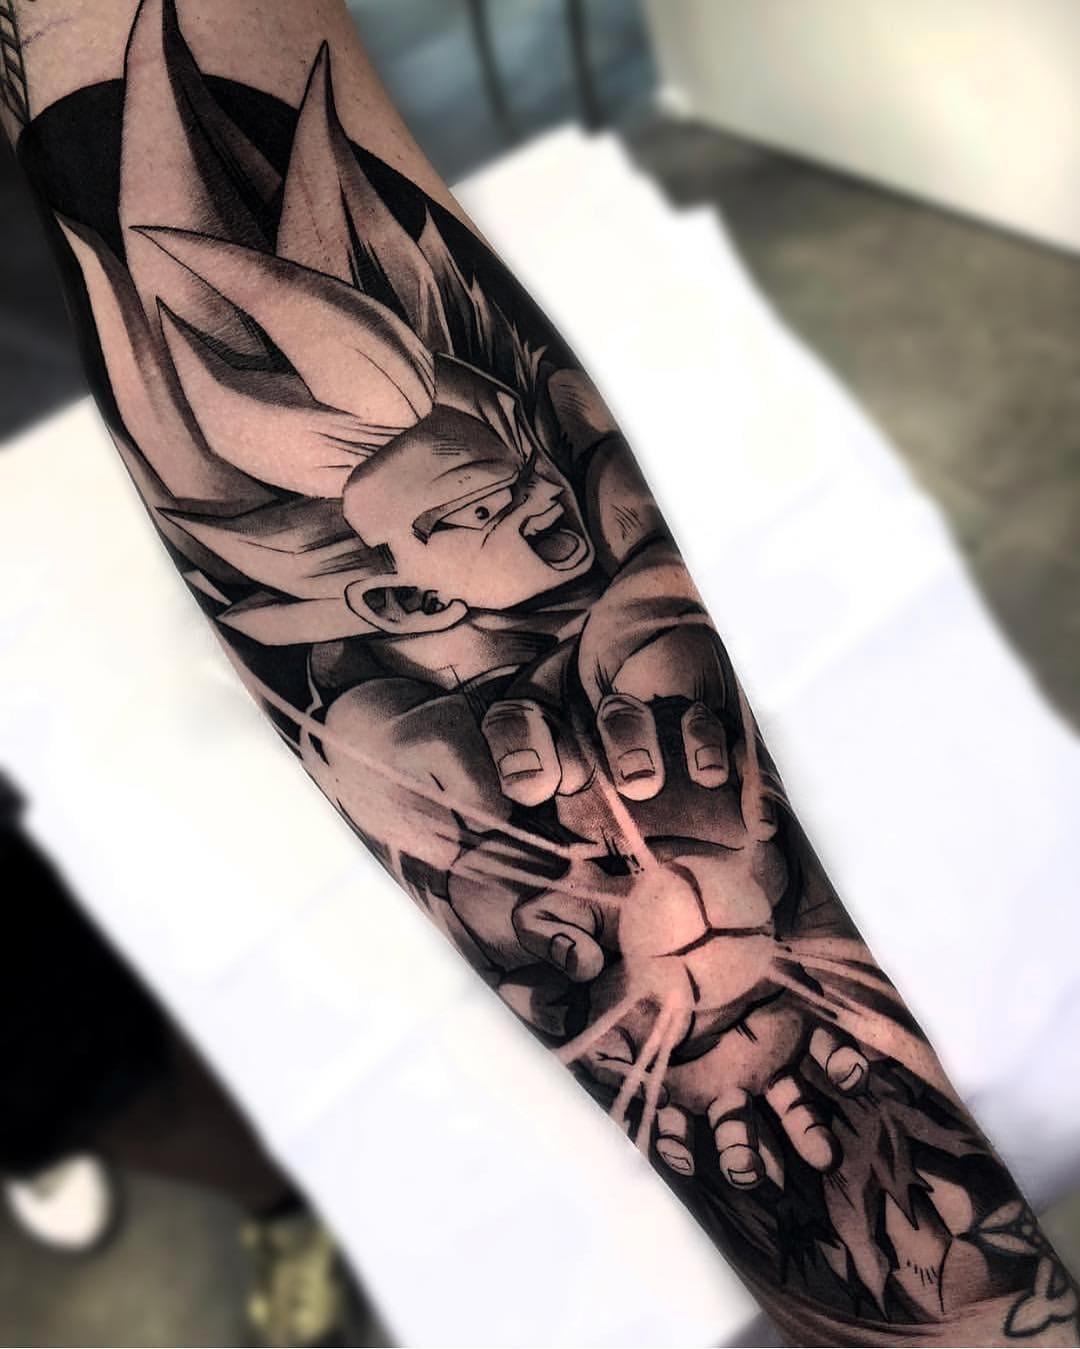 tatuagem-masculina-no-braço-29